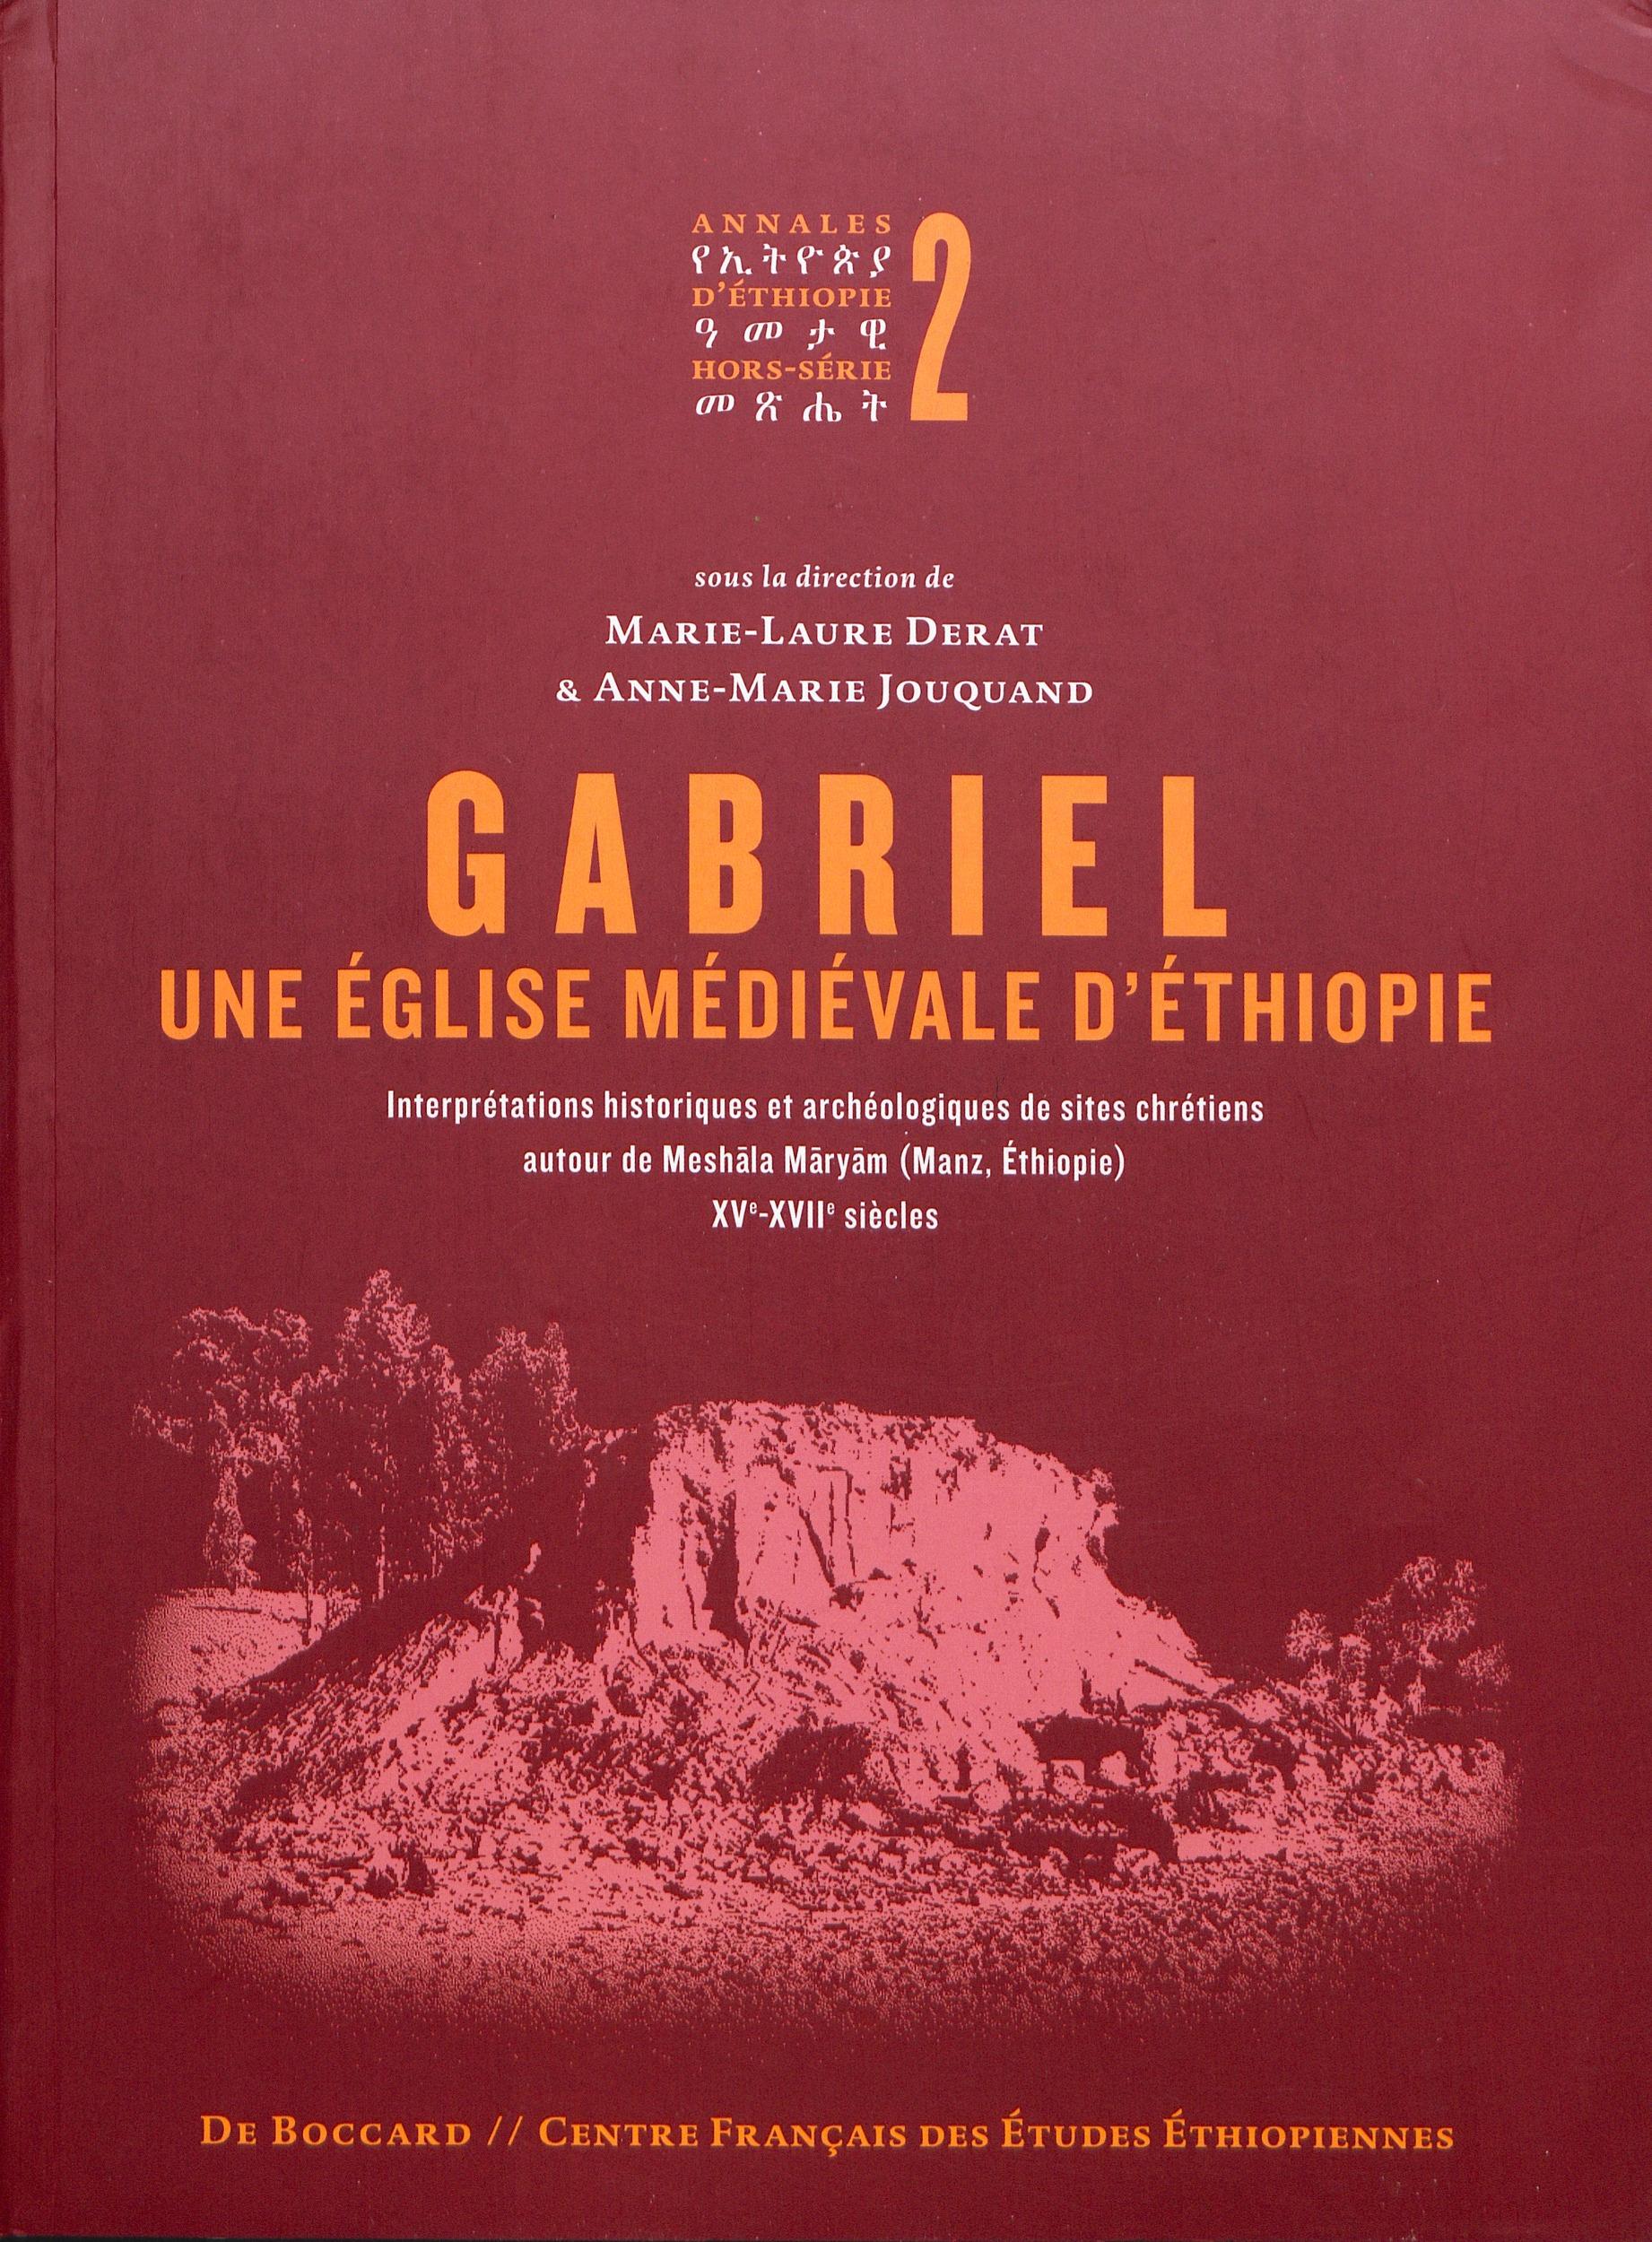 Gabriel, une eglise medievale d'ethiopie interpretations historiques et archeologiques de sites chre